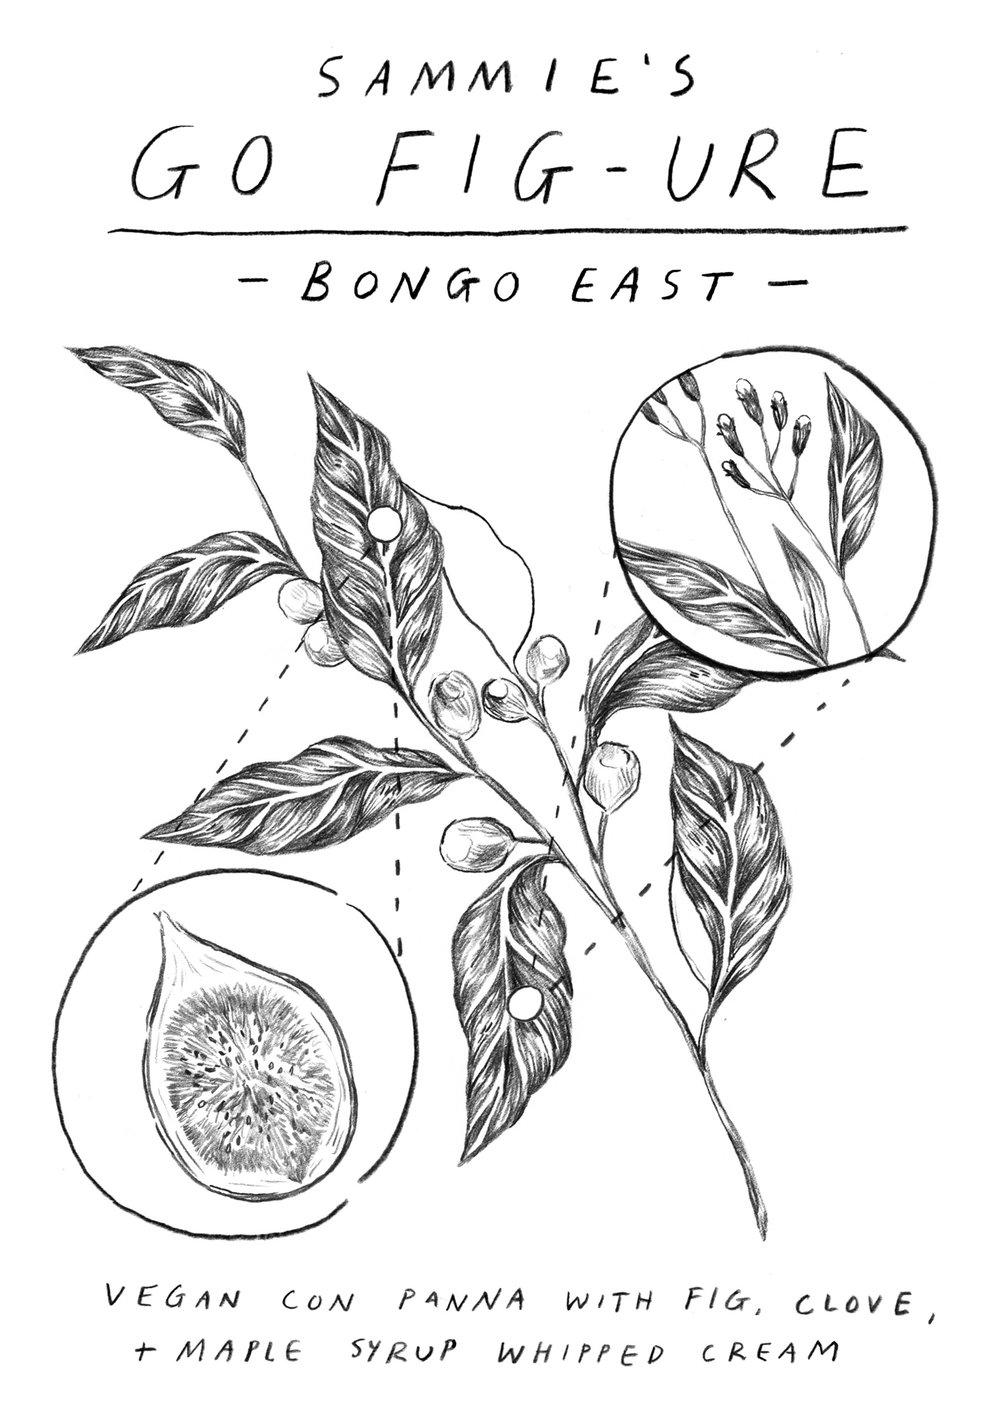 bongosigdrink17_gofigure.jpg